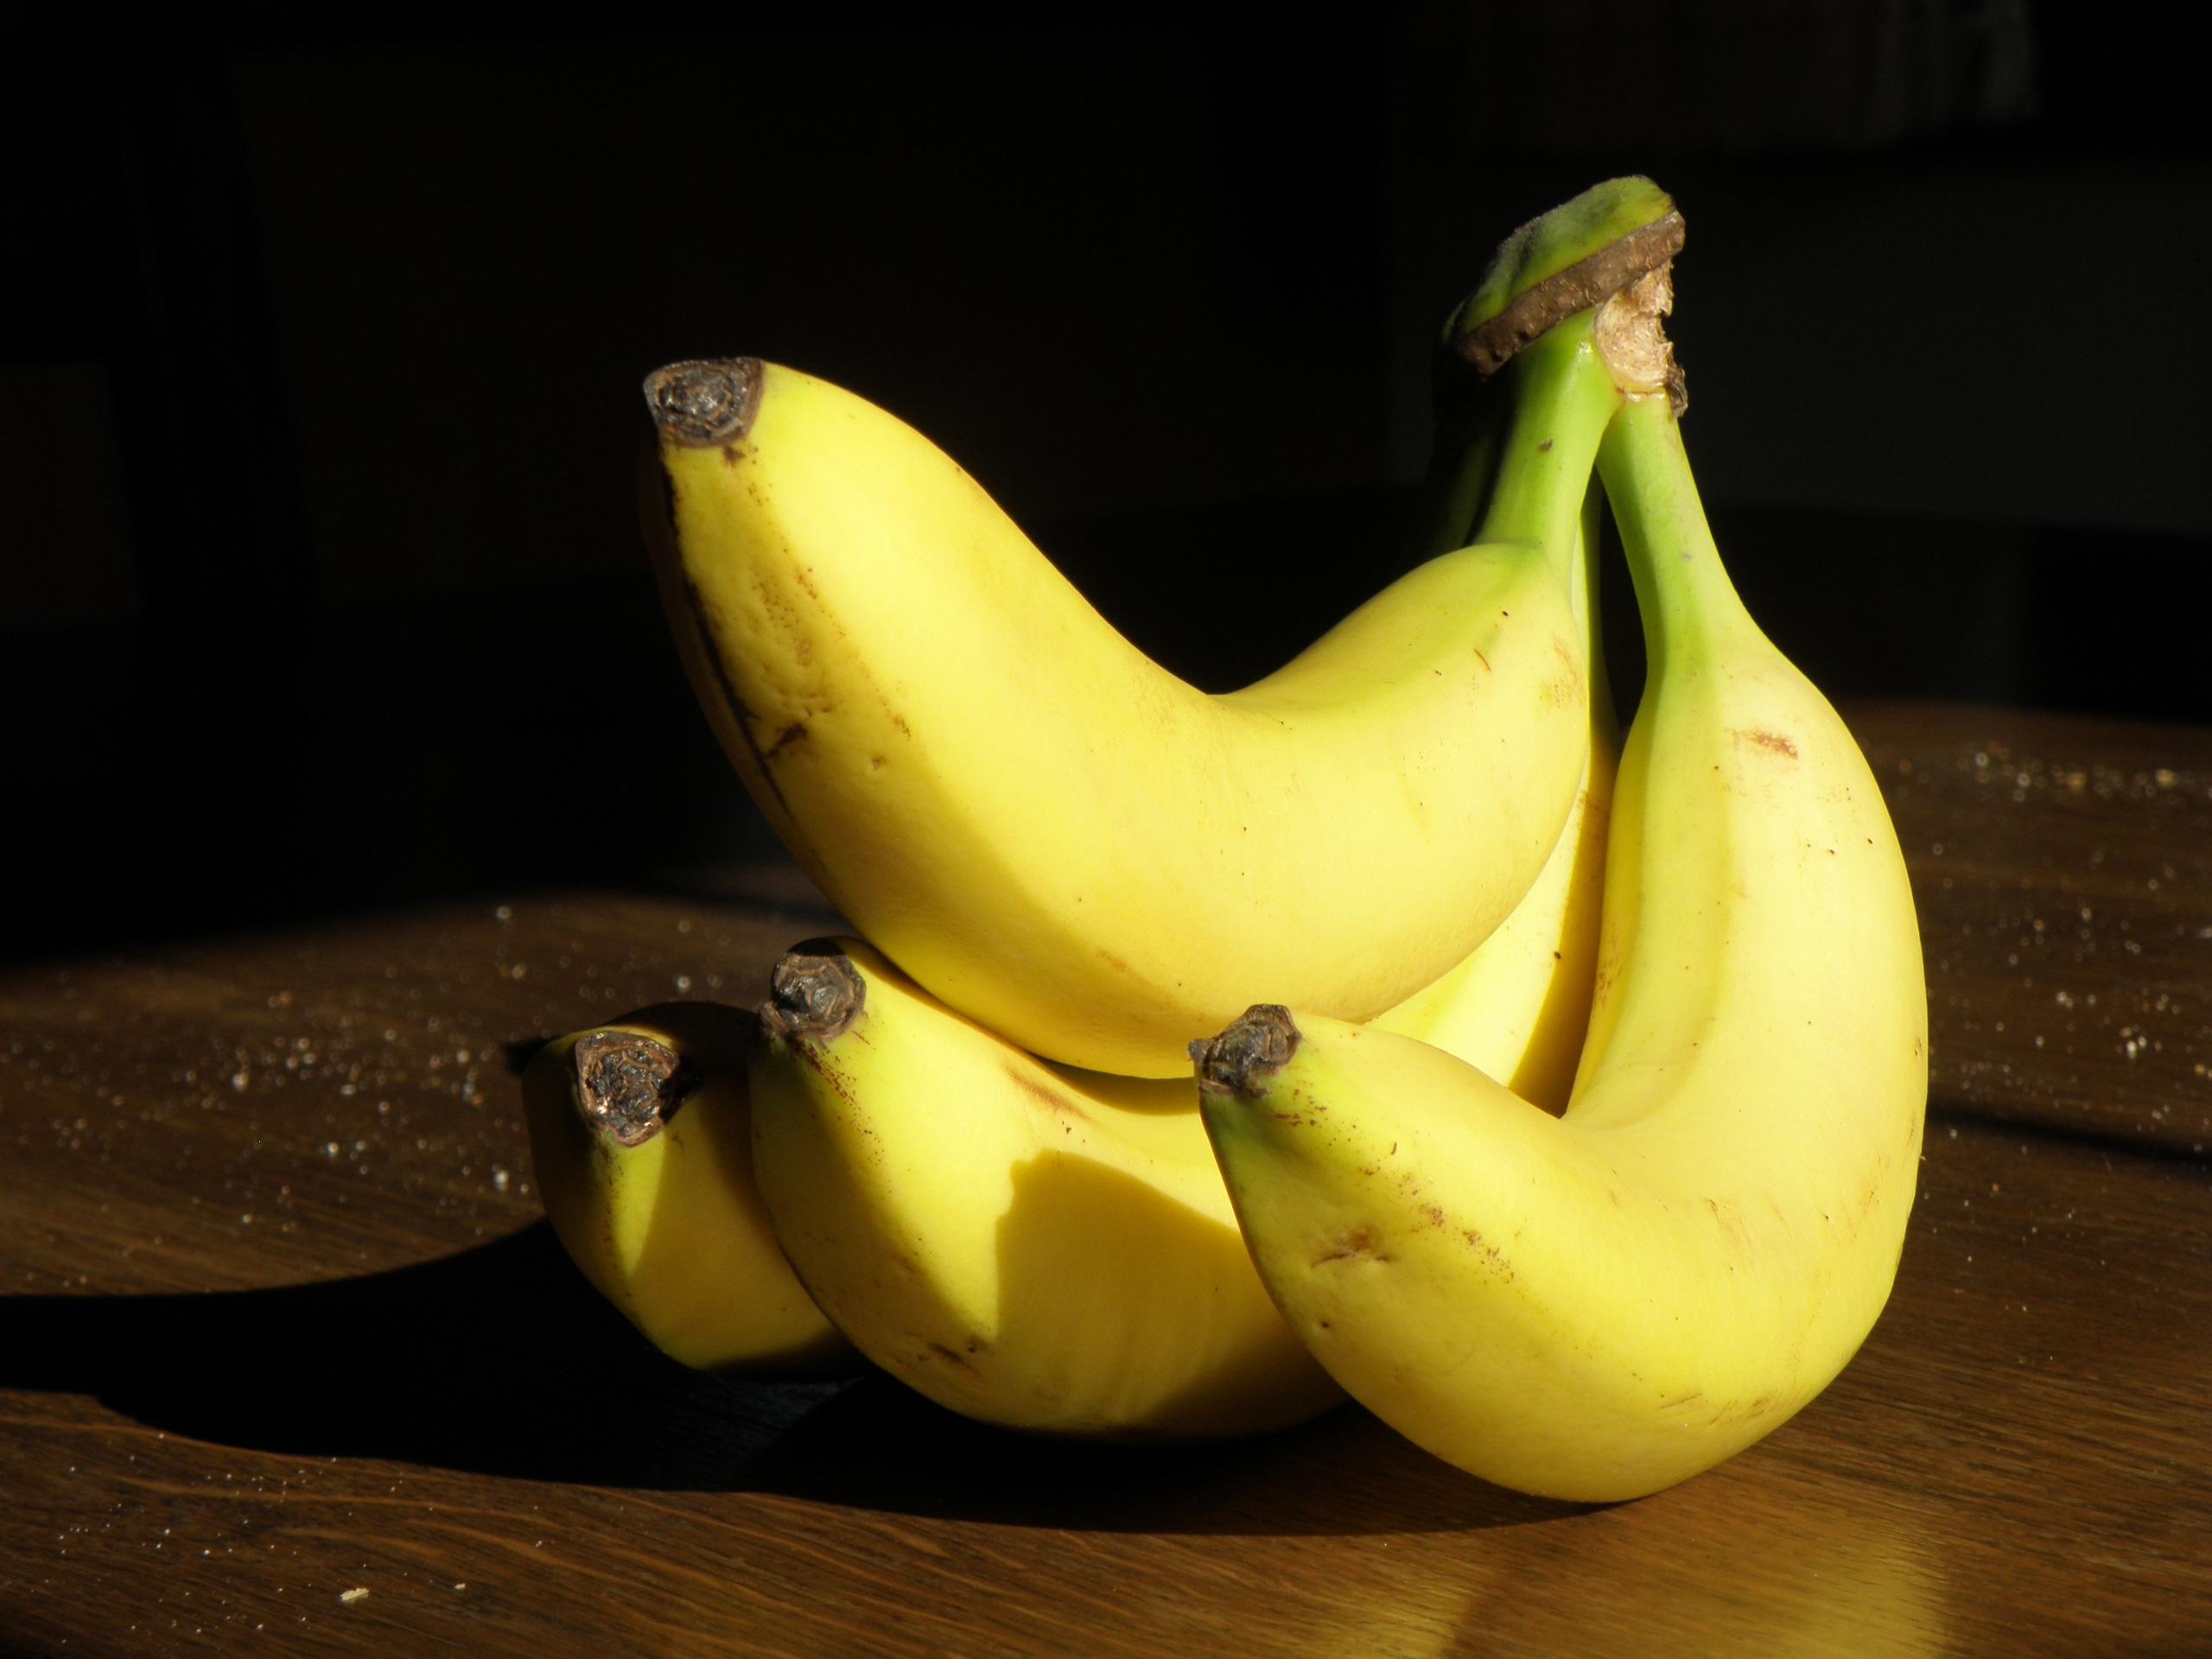 этом картинки банана и часовая это